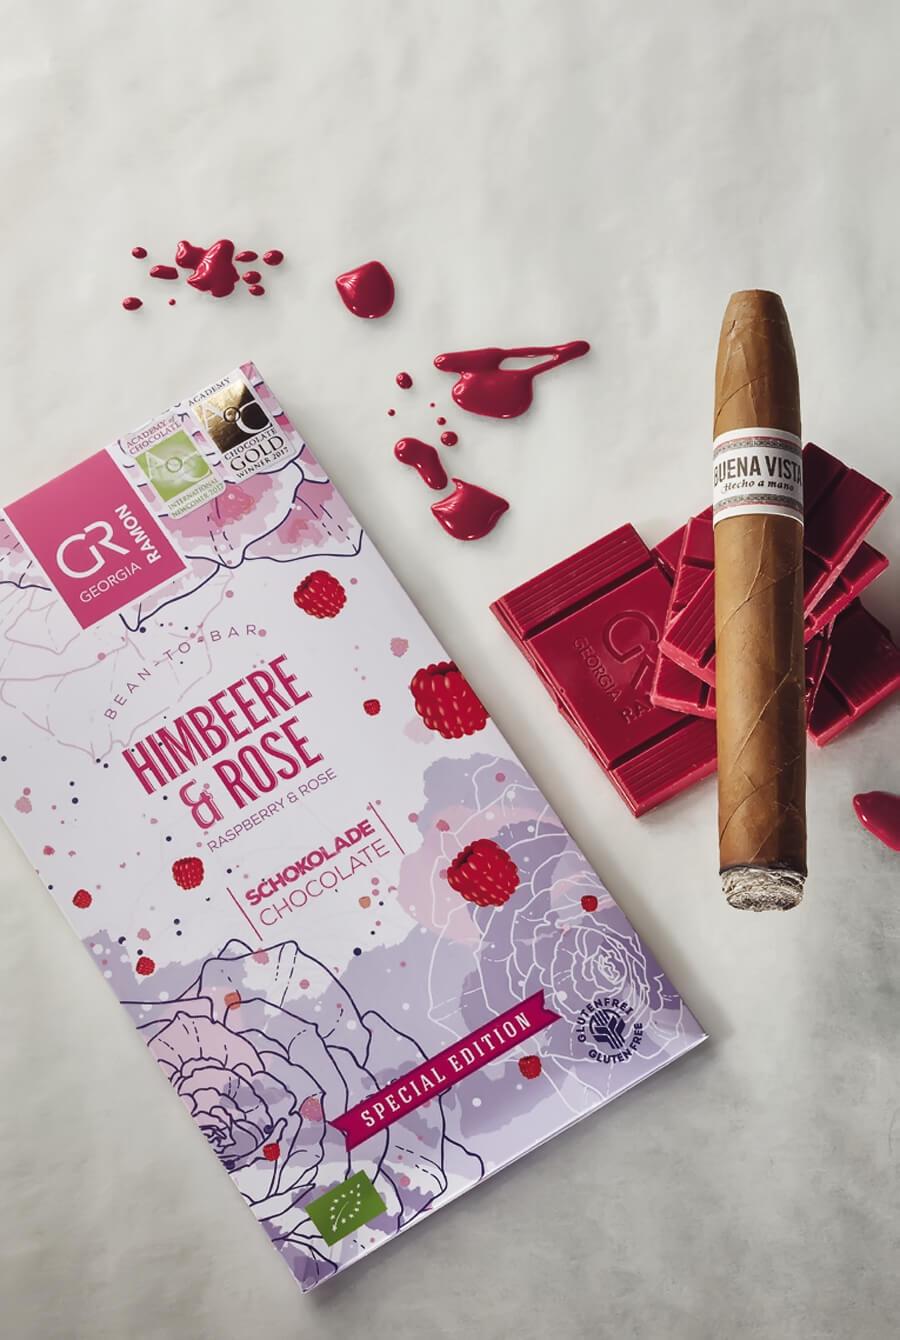 Buena Vista Araperique Belicoso kombiniert mit der Schokolade Himbeer & Rose